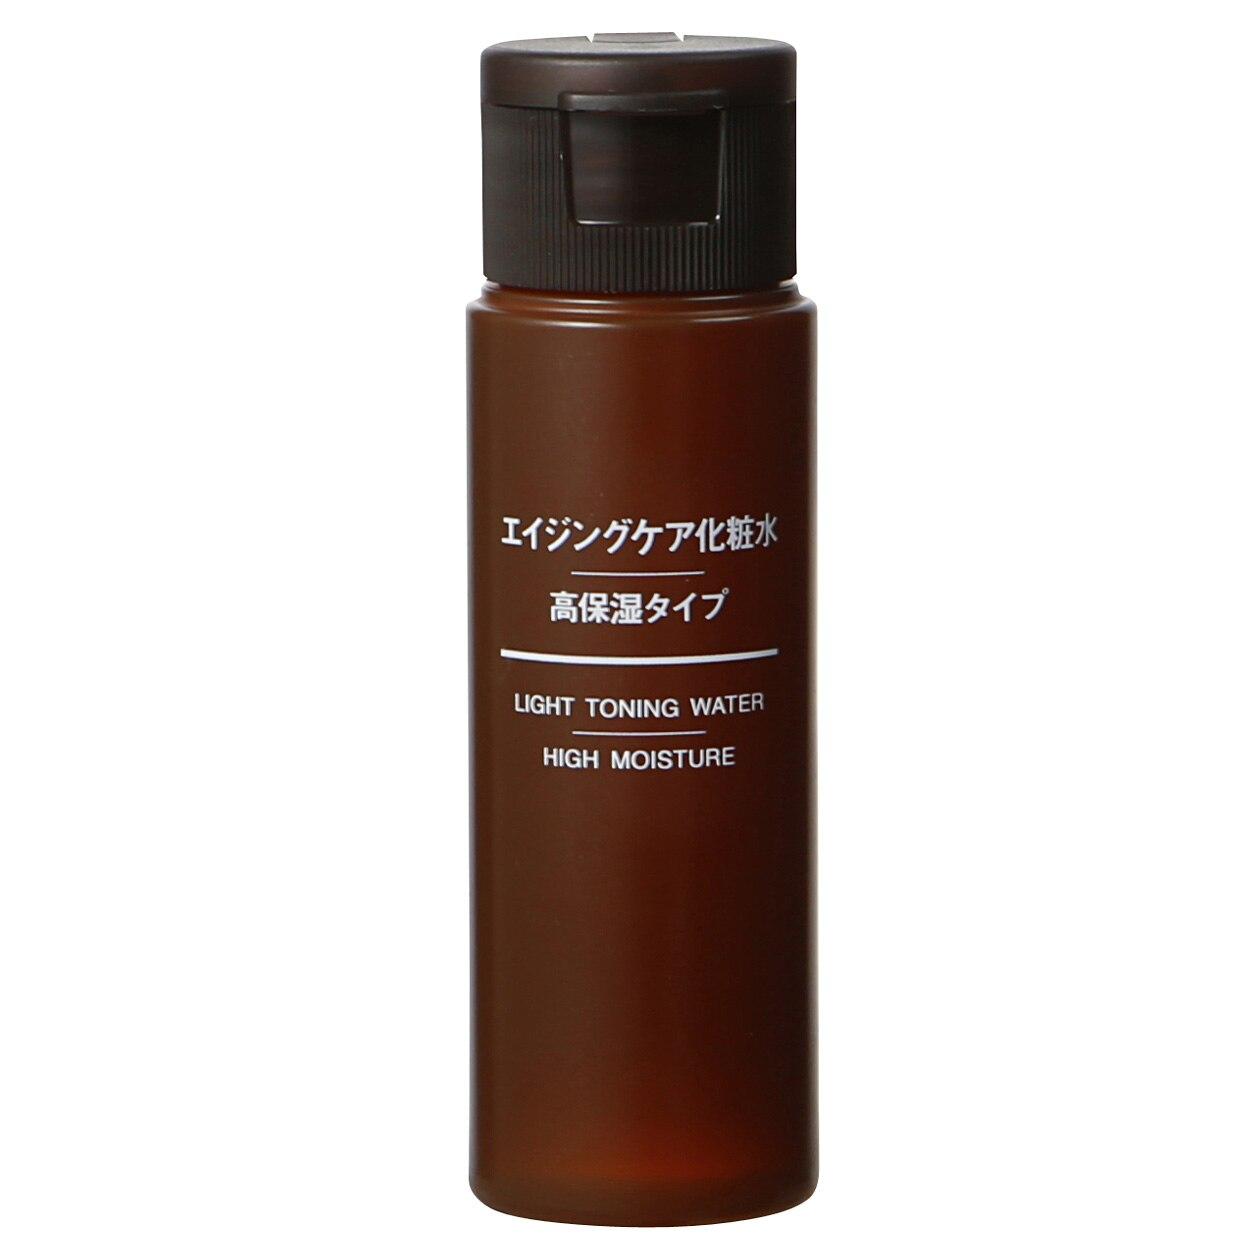 エイジングケア化粧水・高保湿タイプ(携帯用)